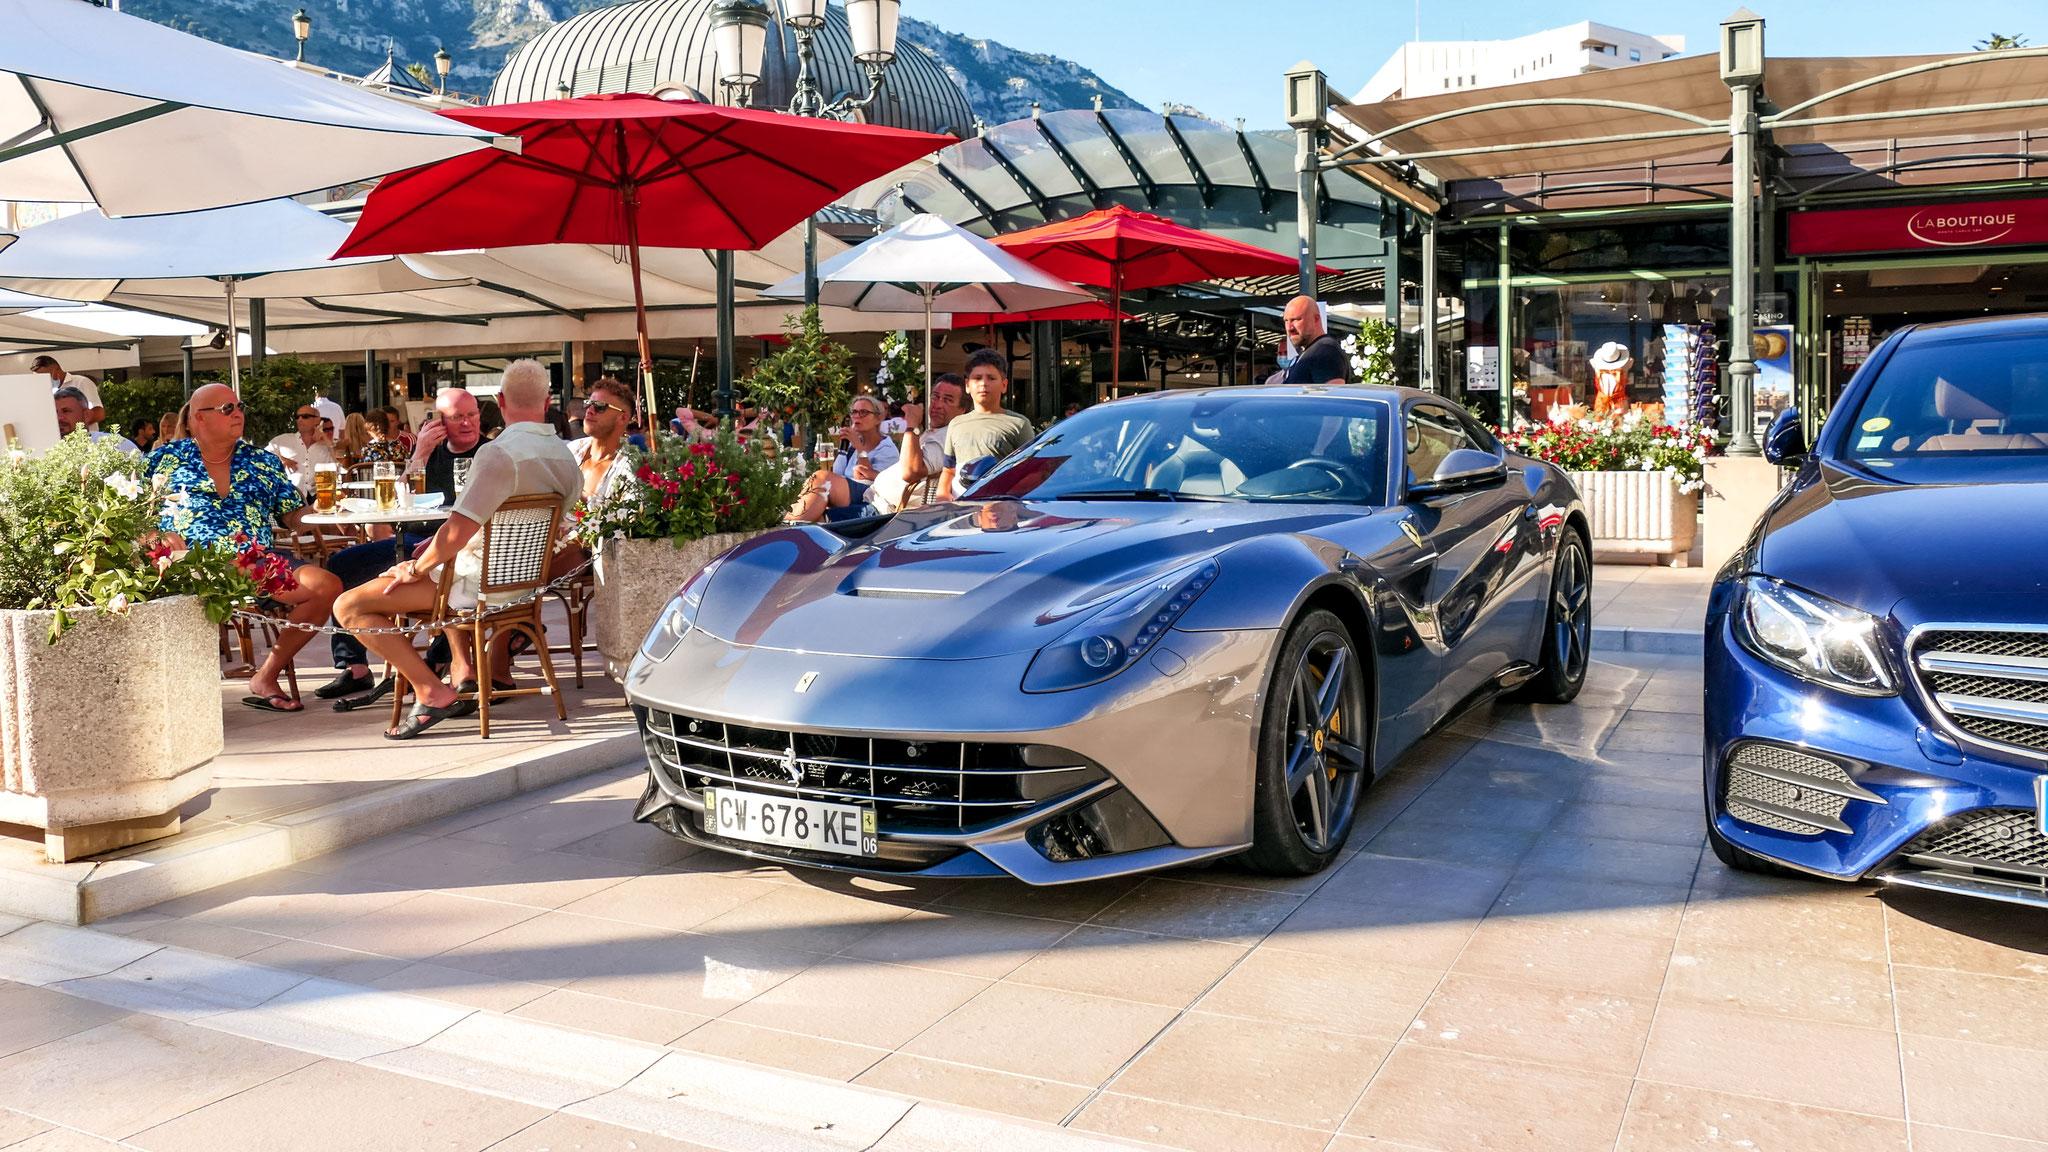 Ferrari F12 Berlinetta - CW-678-KE-06 (MC)